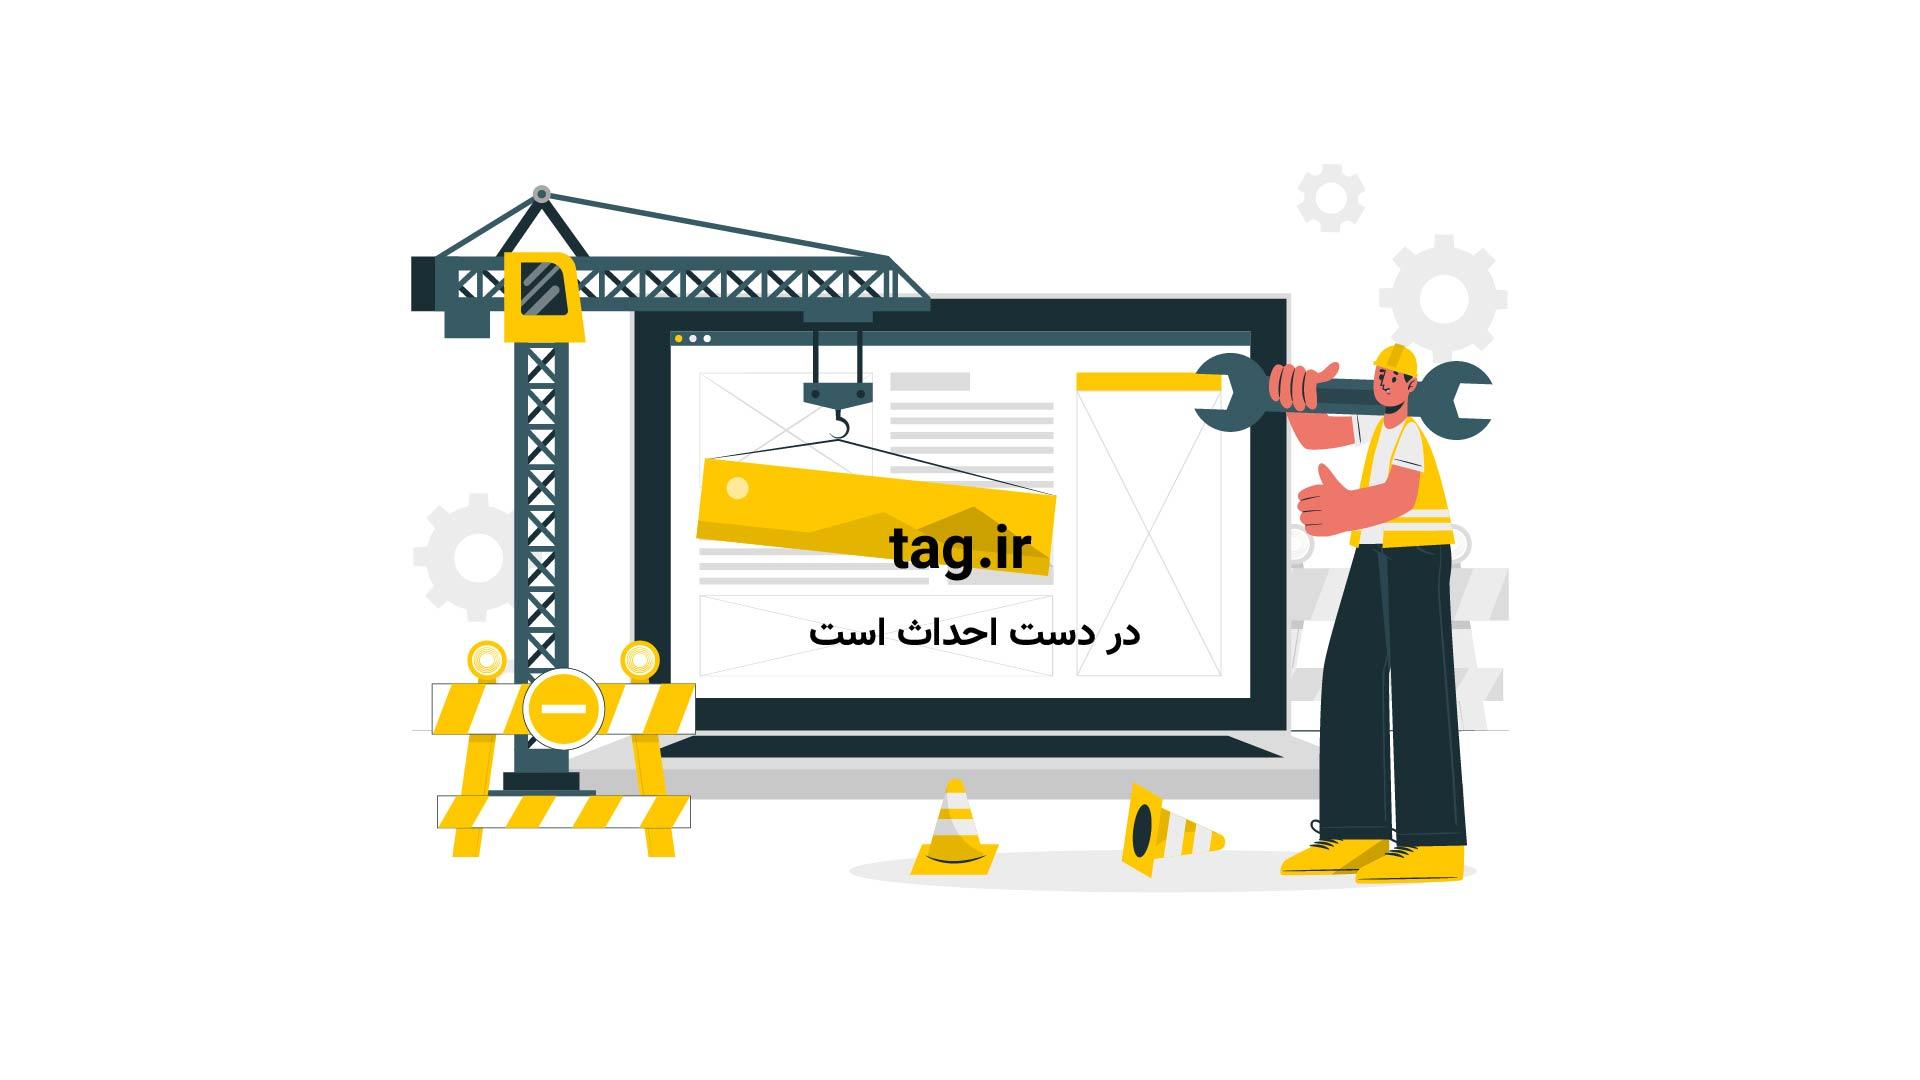 بیانات رهبری در دیدار شرکتکنندگان در کنفرانس اتحادیه بین المجالس سازمان همکاری اسلامی | فیلم